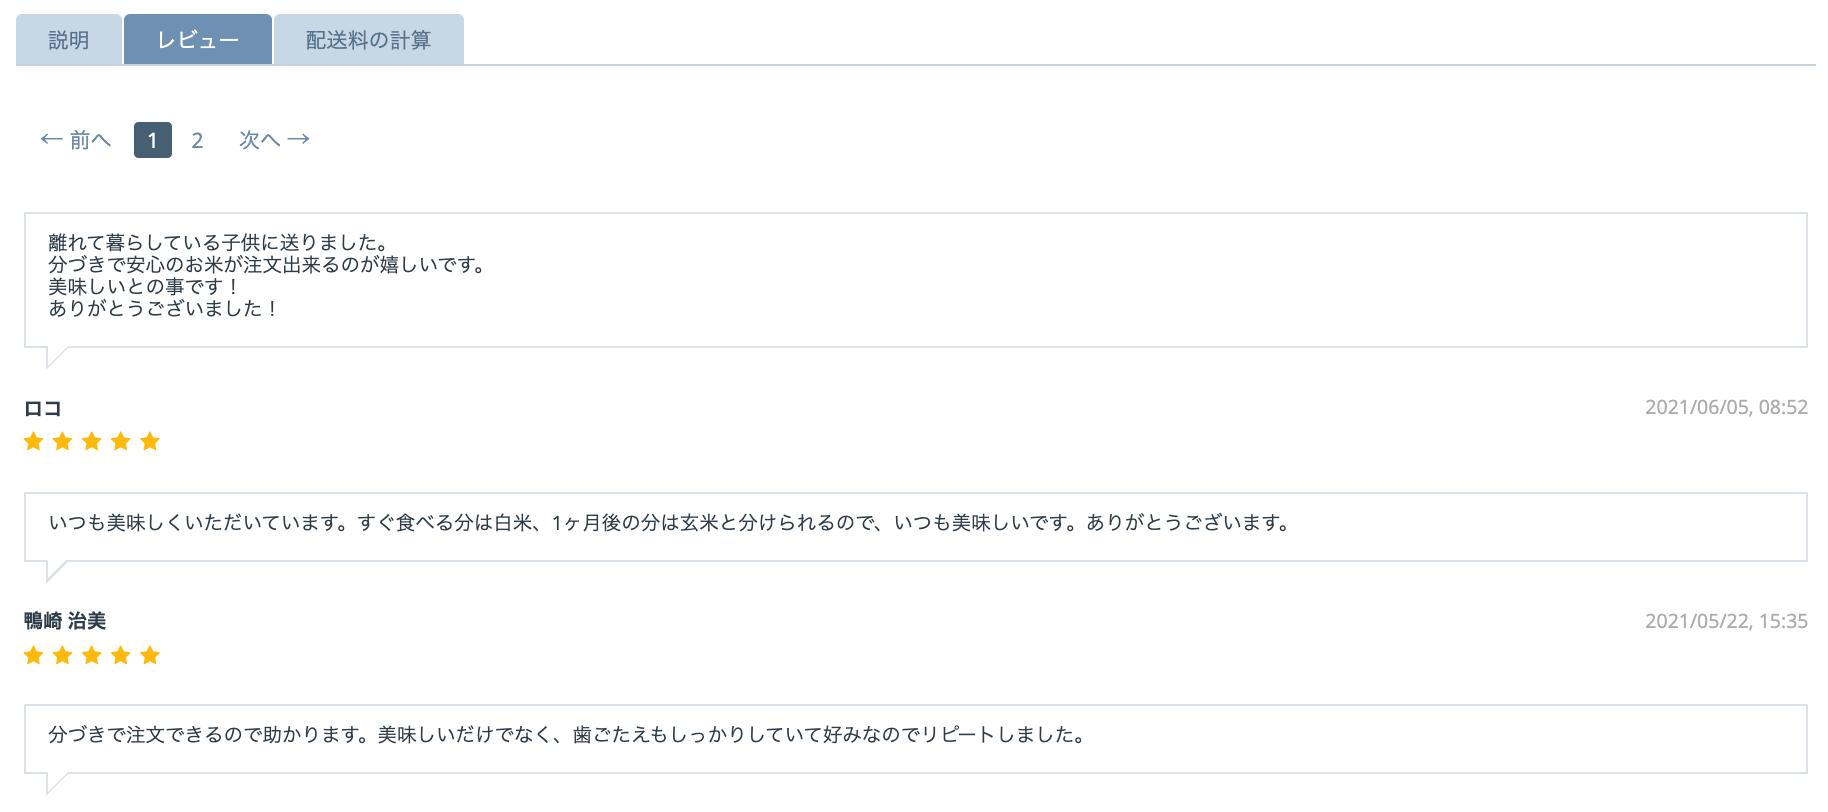 WakeAi(ワケアイ) 口コミ